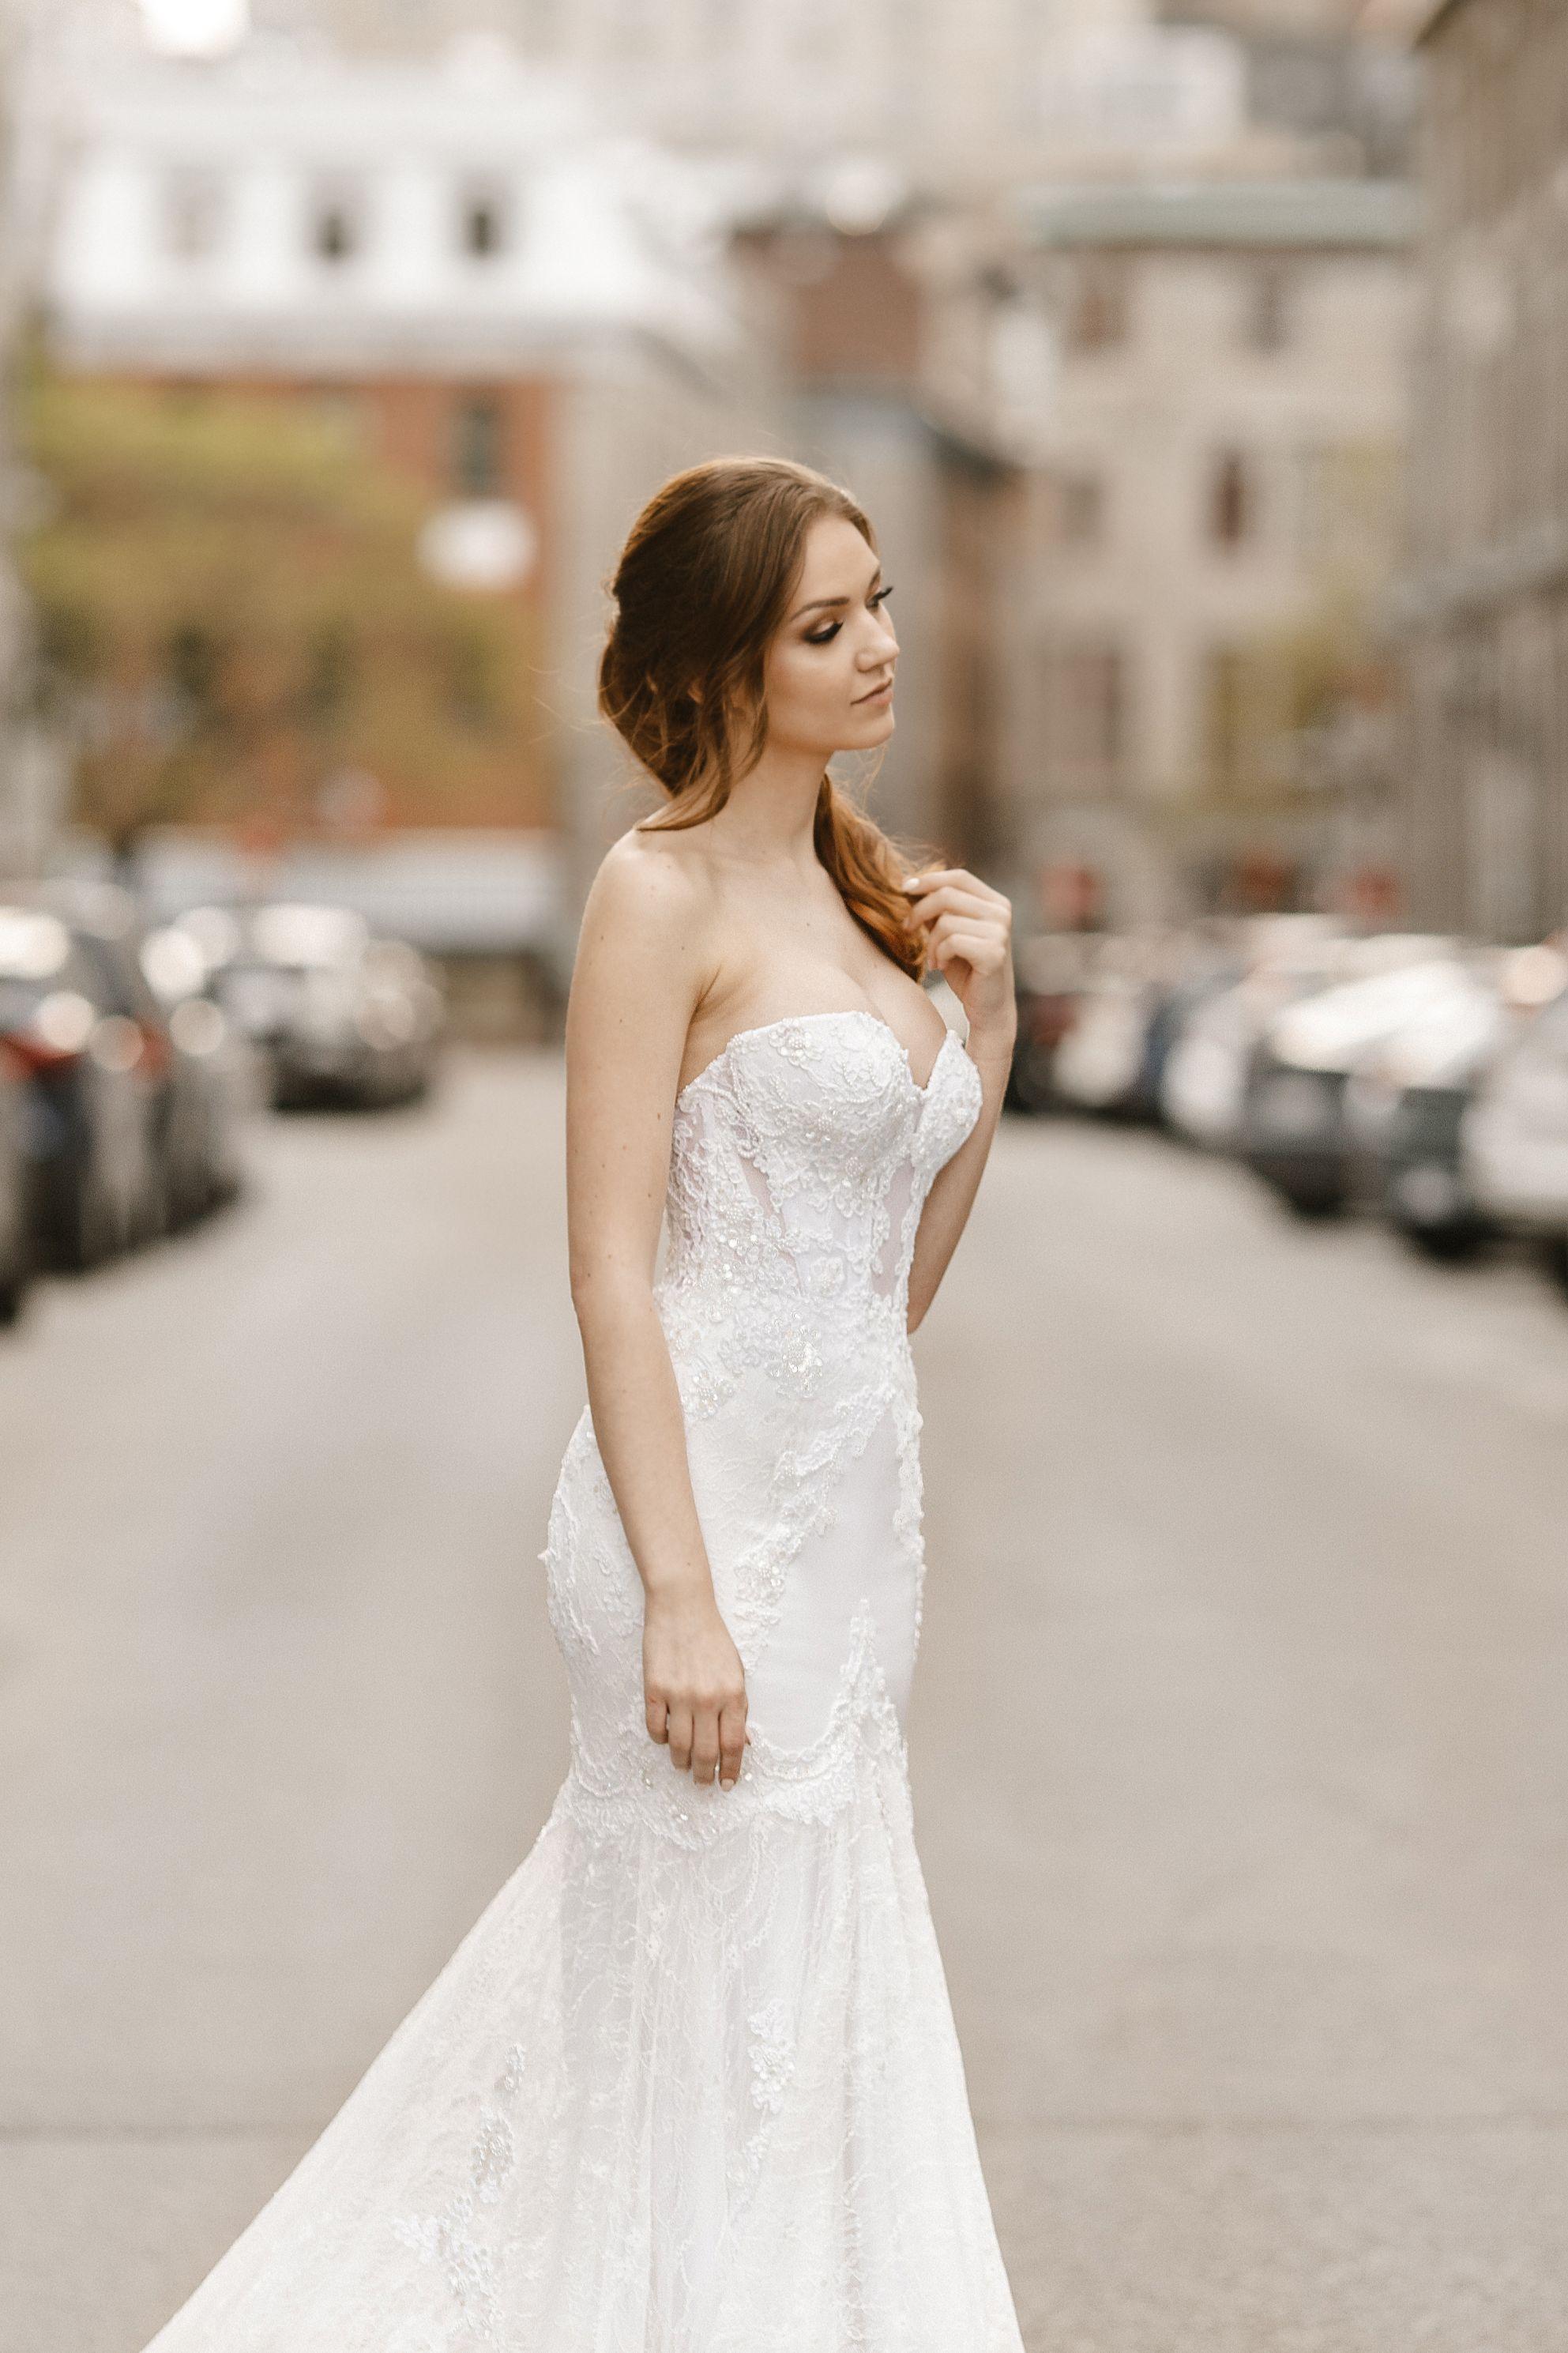 boutique de robe de mariee montreal robes de noces luxueuses manches epaules denudees tulle et dentelle